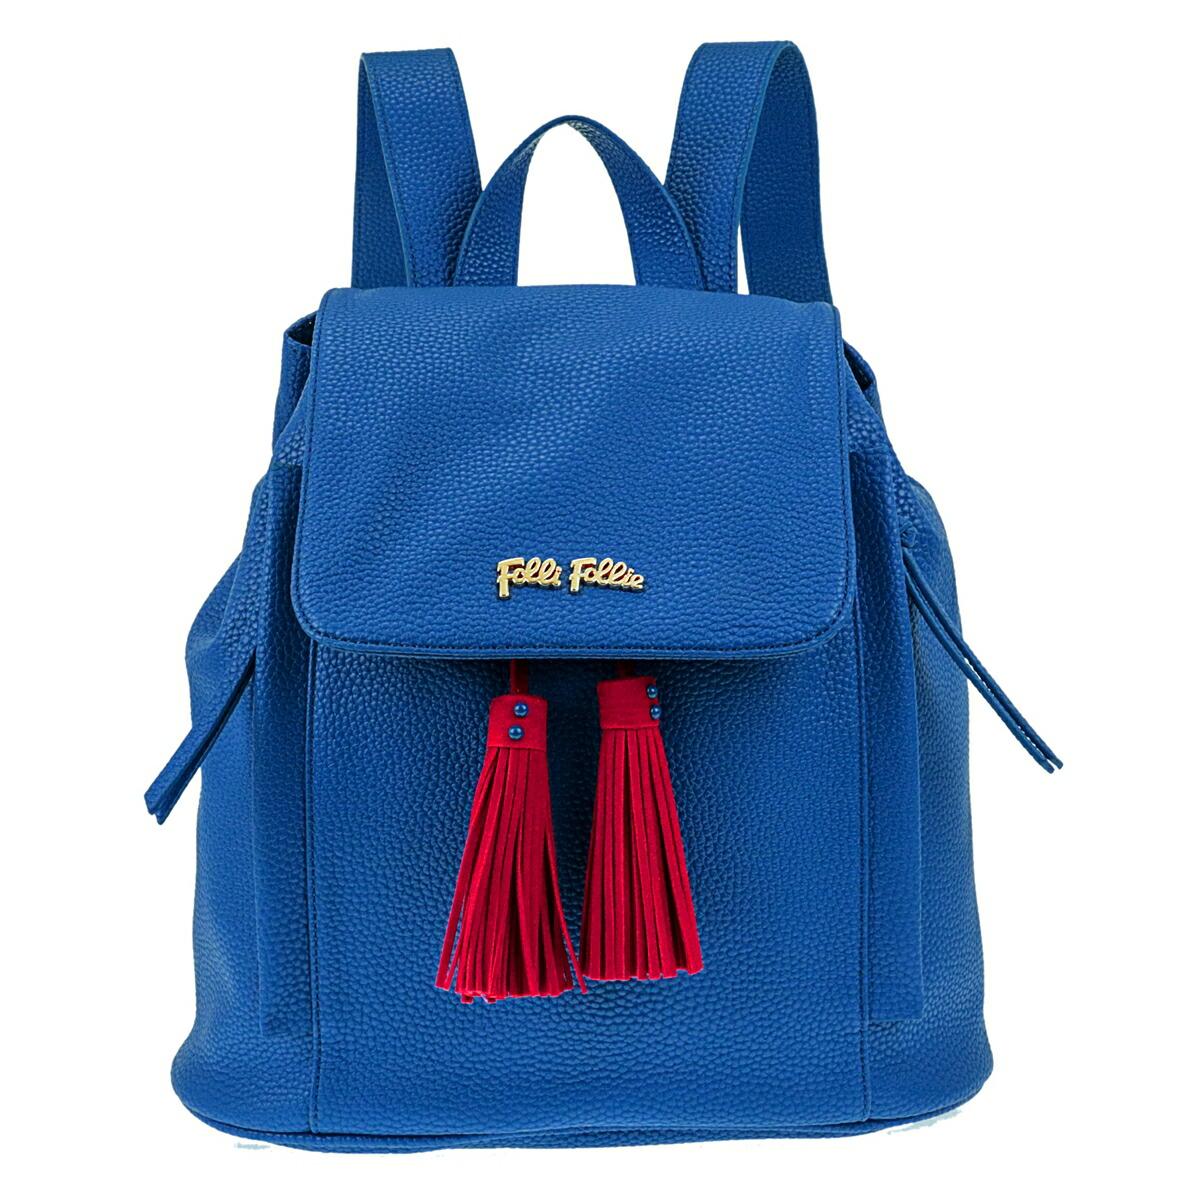 フォリフォリ FOLLI FOLLIE バッグ・その他 レディース バッグ バックパック FF-BK16P010GUR-BL_RO ファッション アクセサリー バッグ 財布 カジュアル ブランド ギリシャ